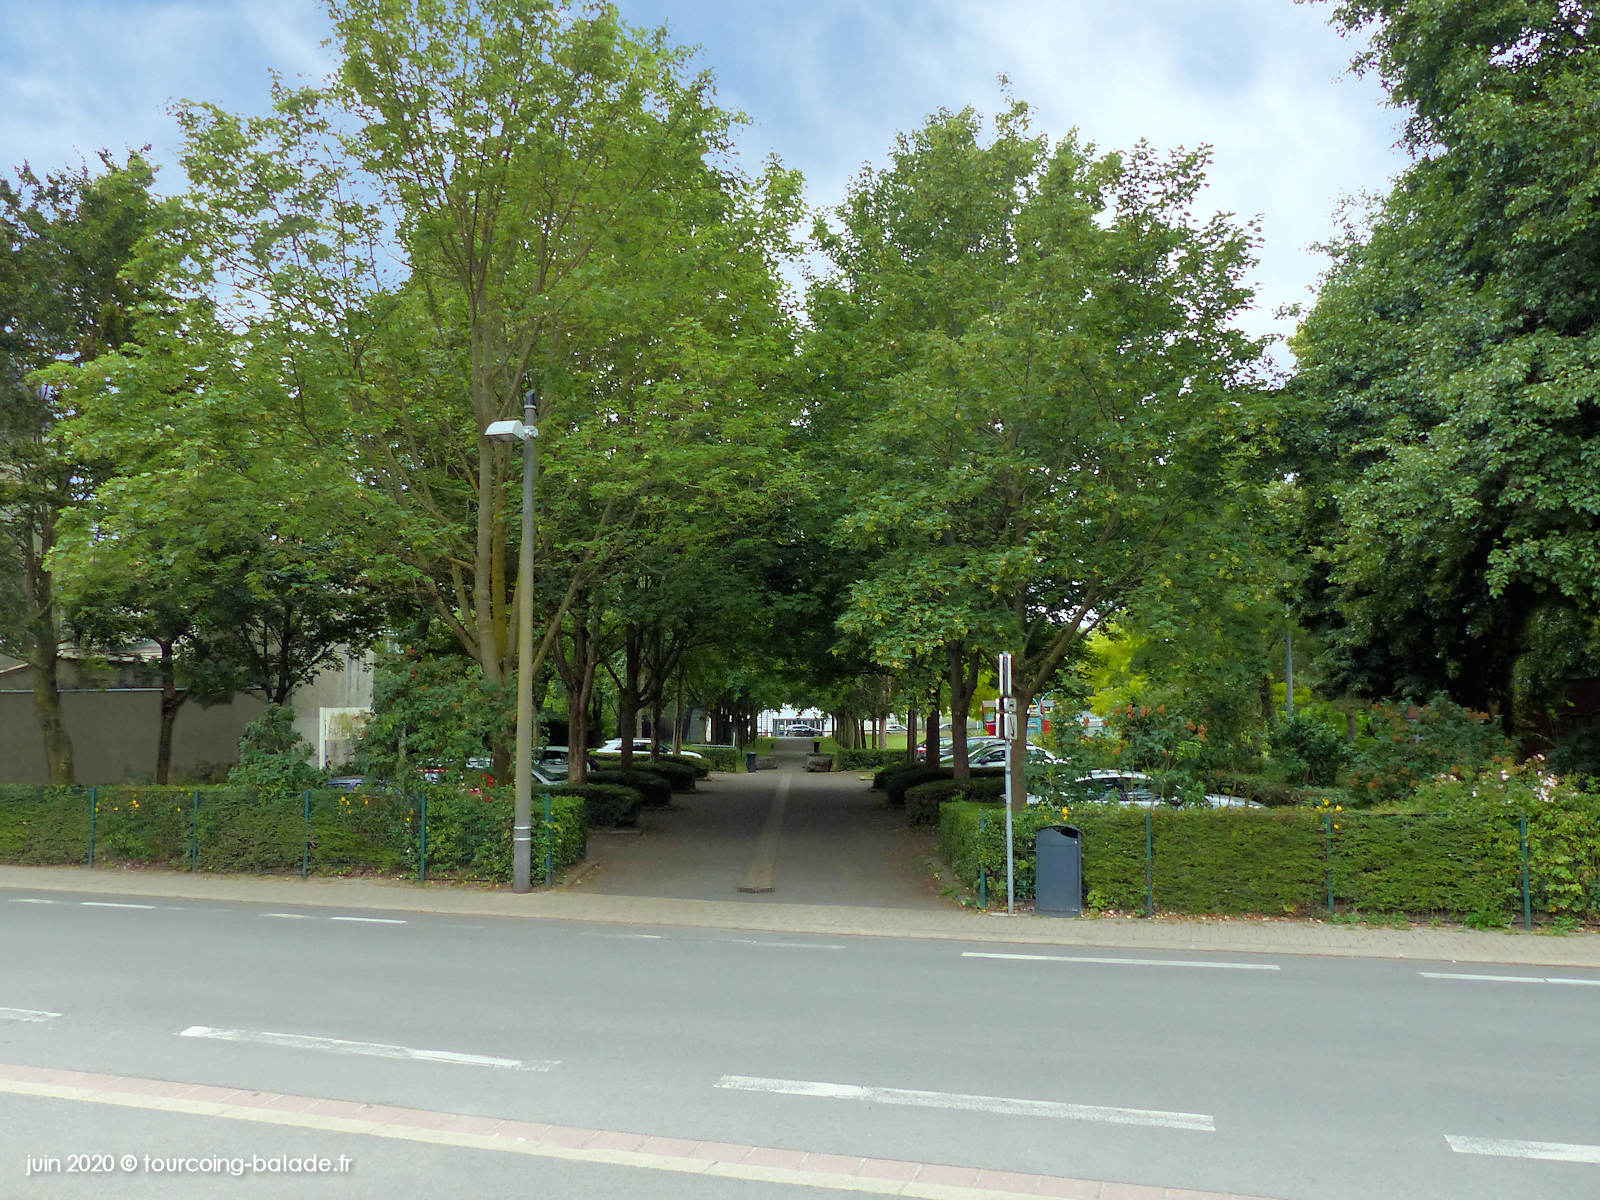 Parking des Abeilles, Tourcoing Épidème.